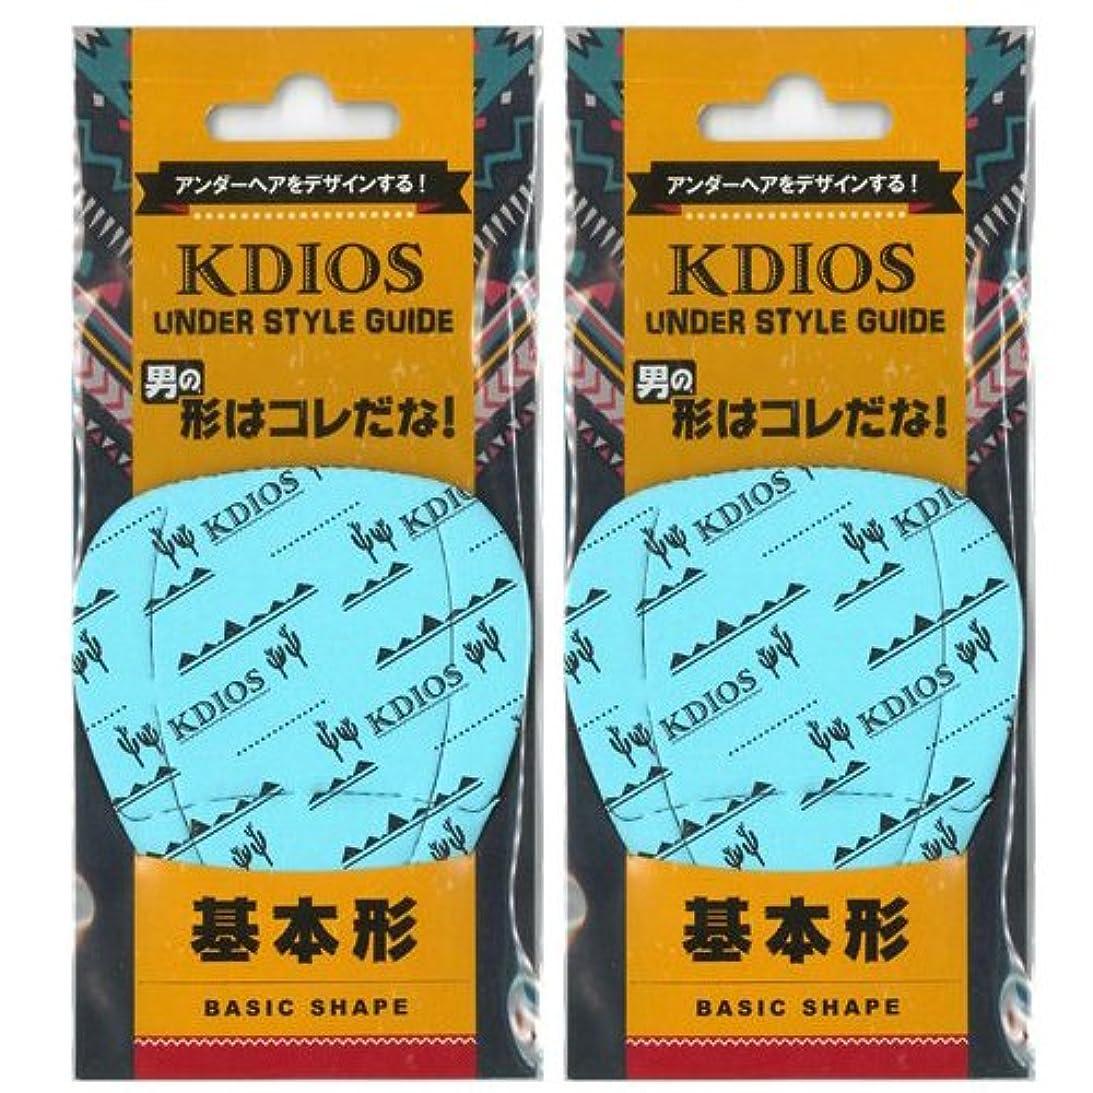 まっすぐ超えて信じるKDIOS(ケディオス) アンダースタイルガイド 「基本形」 FOR MEN ×2個セット